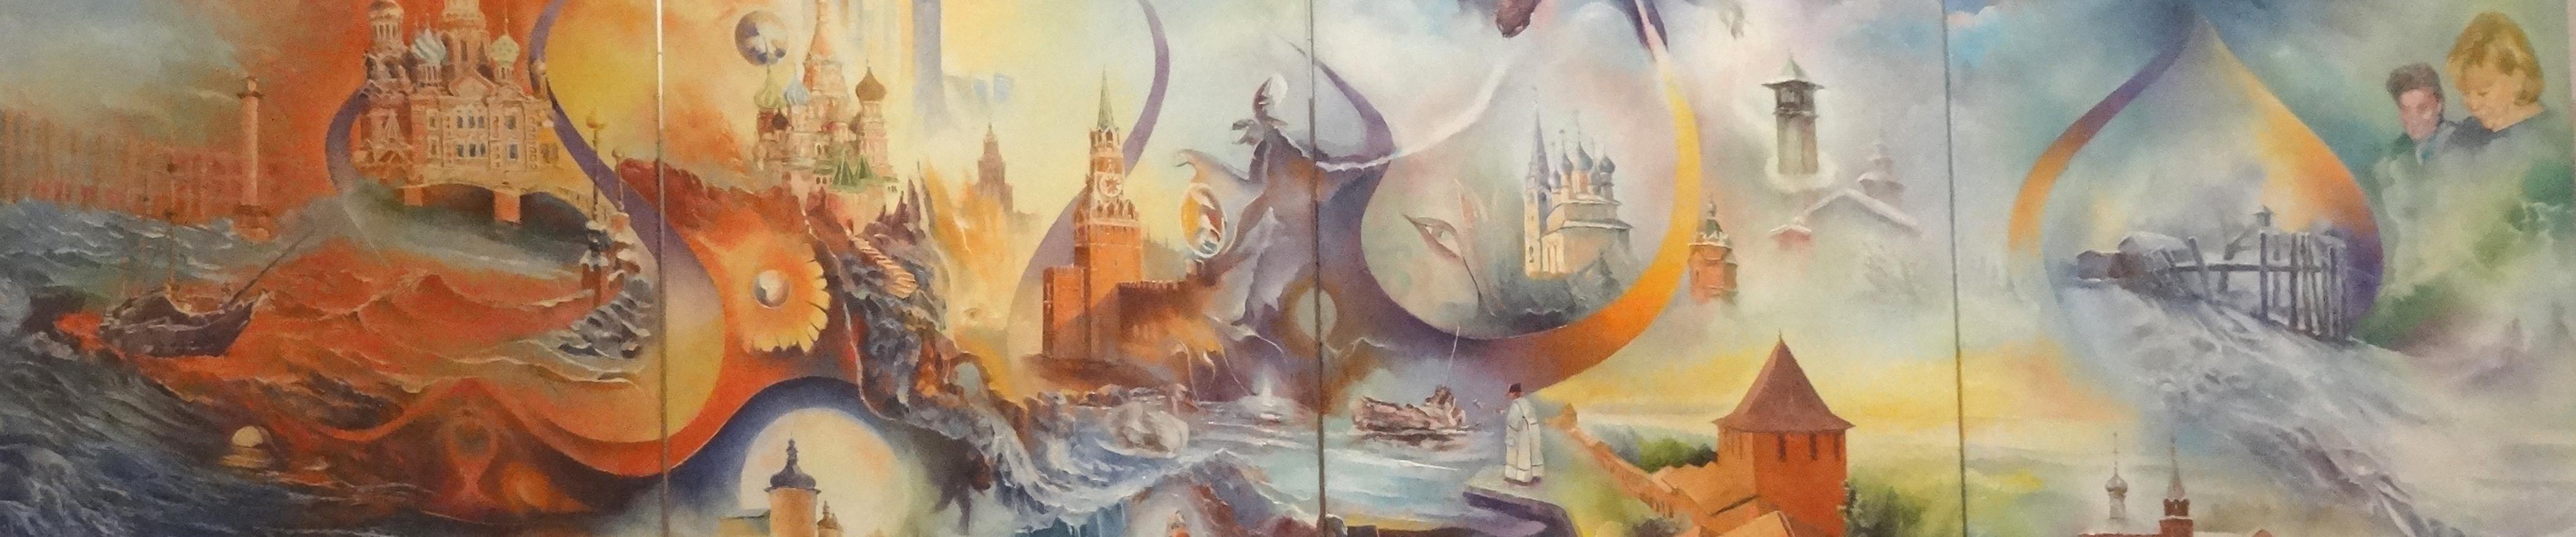 Les imaginaires de Maurice AZRA